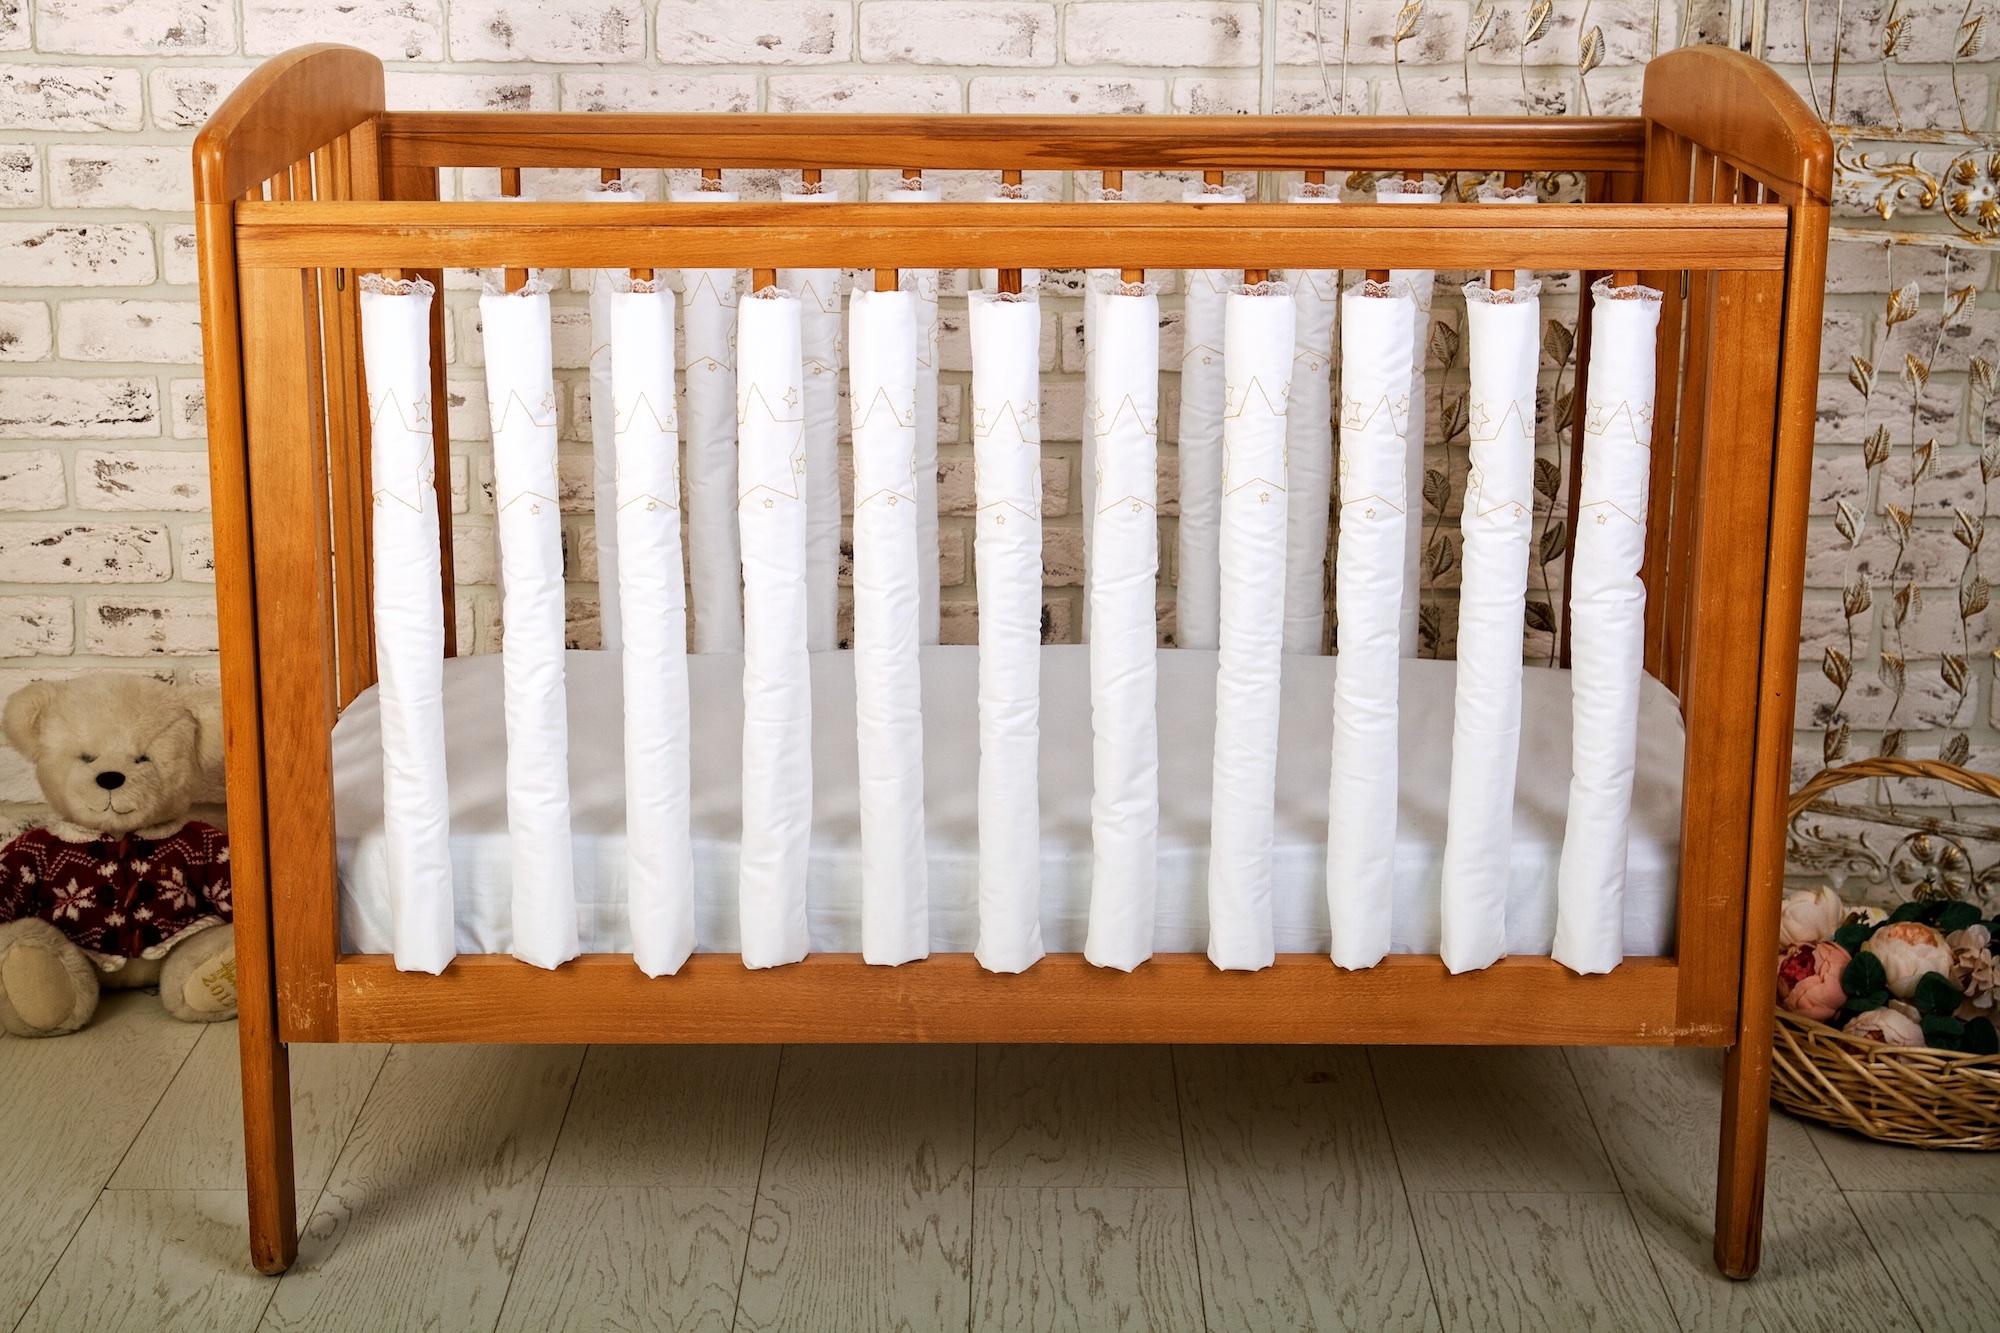 Аксессуары для кроваток Cloud factory Dream Star 12 шт комплект фенс бамперов cloud factory 12 шт beauty balloons